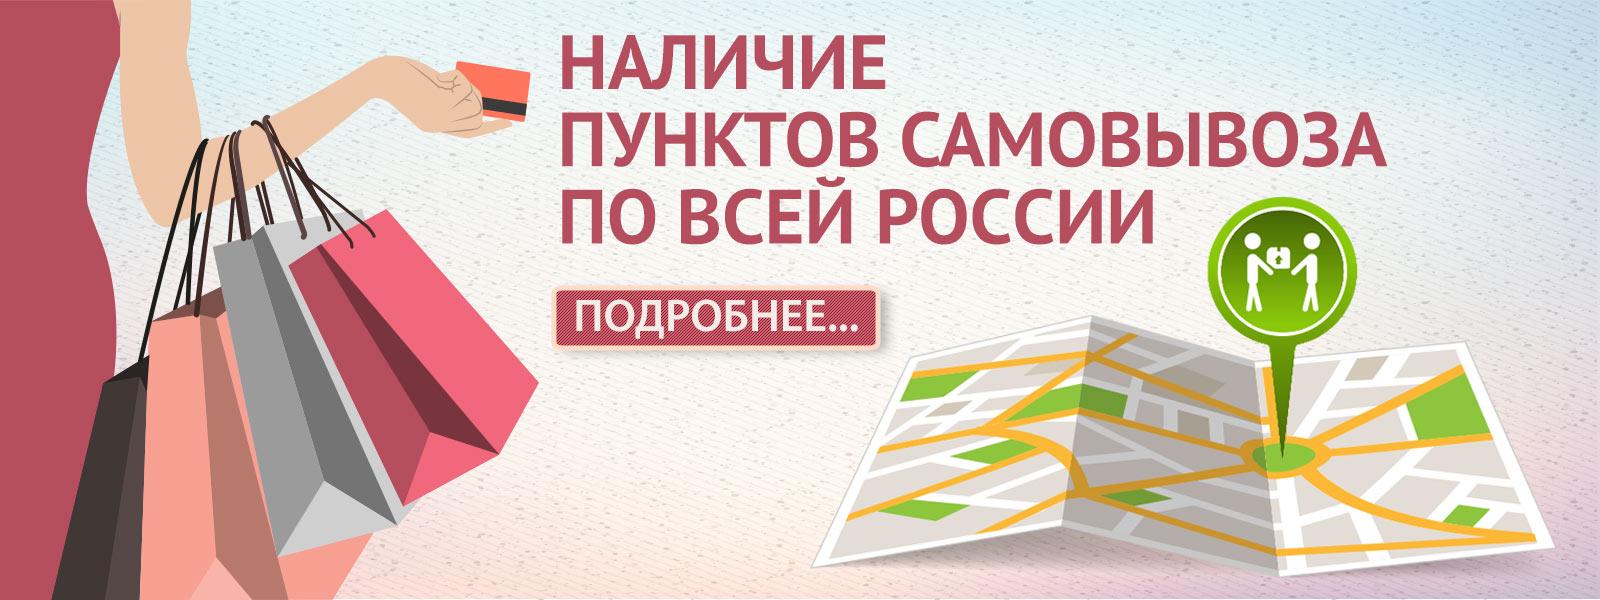 акции, распродажи, скидки, интернет магазин косметики бытовой химии Японии Кореи в Москве, сеть пунктов самовывоза по всей России, доставка в каждый город